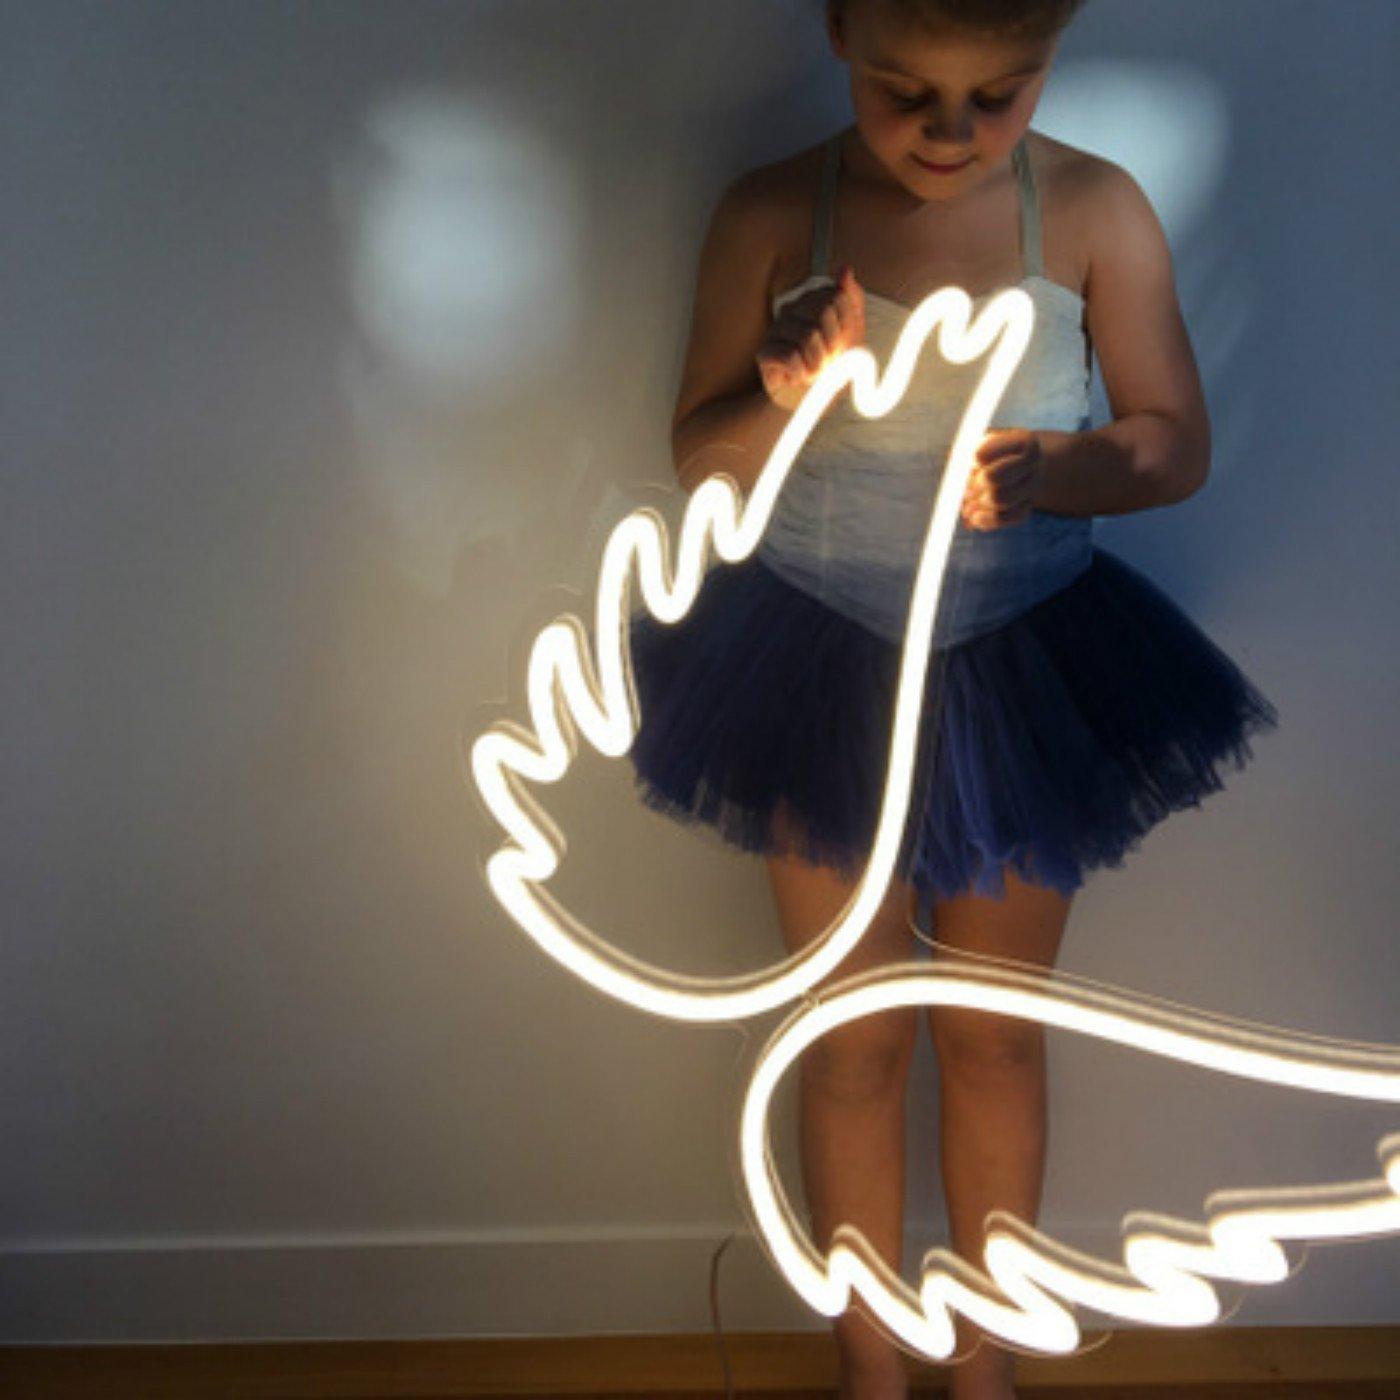 Angel Wingランプネオンライトサイン壁ネオンライト、LED屋内装飾夜ランプ、ネオンライト看板ウェディング誕生日パーティーベッドルームテーブルギフト子供おもちゃ装飾デコレーションバレンタインクリスマスギフト B07CSTYLX8